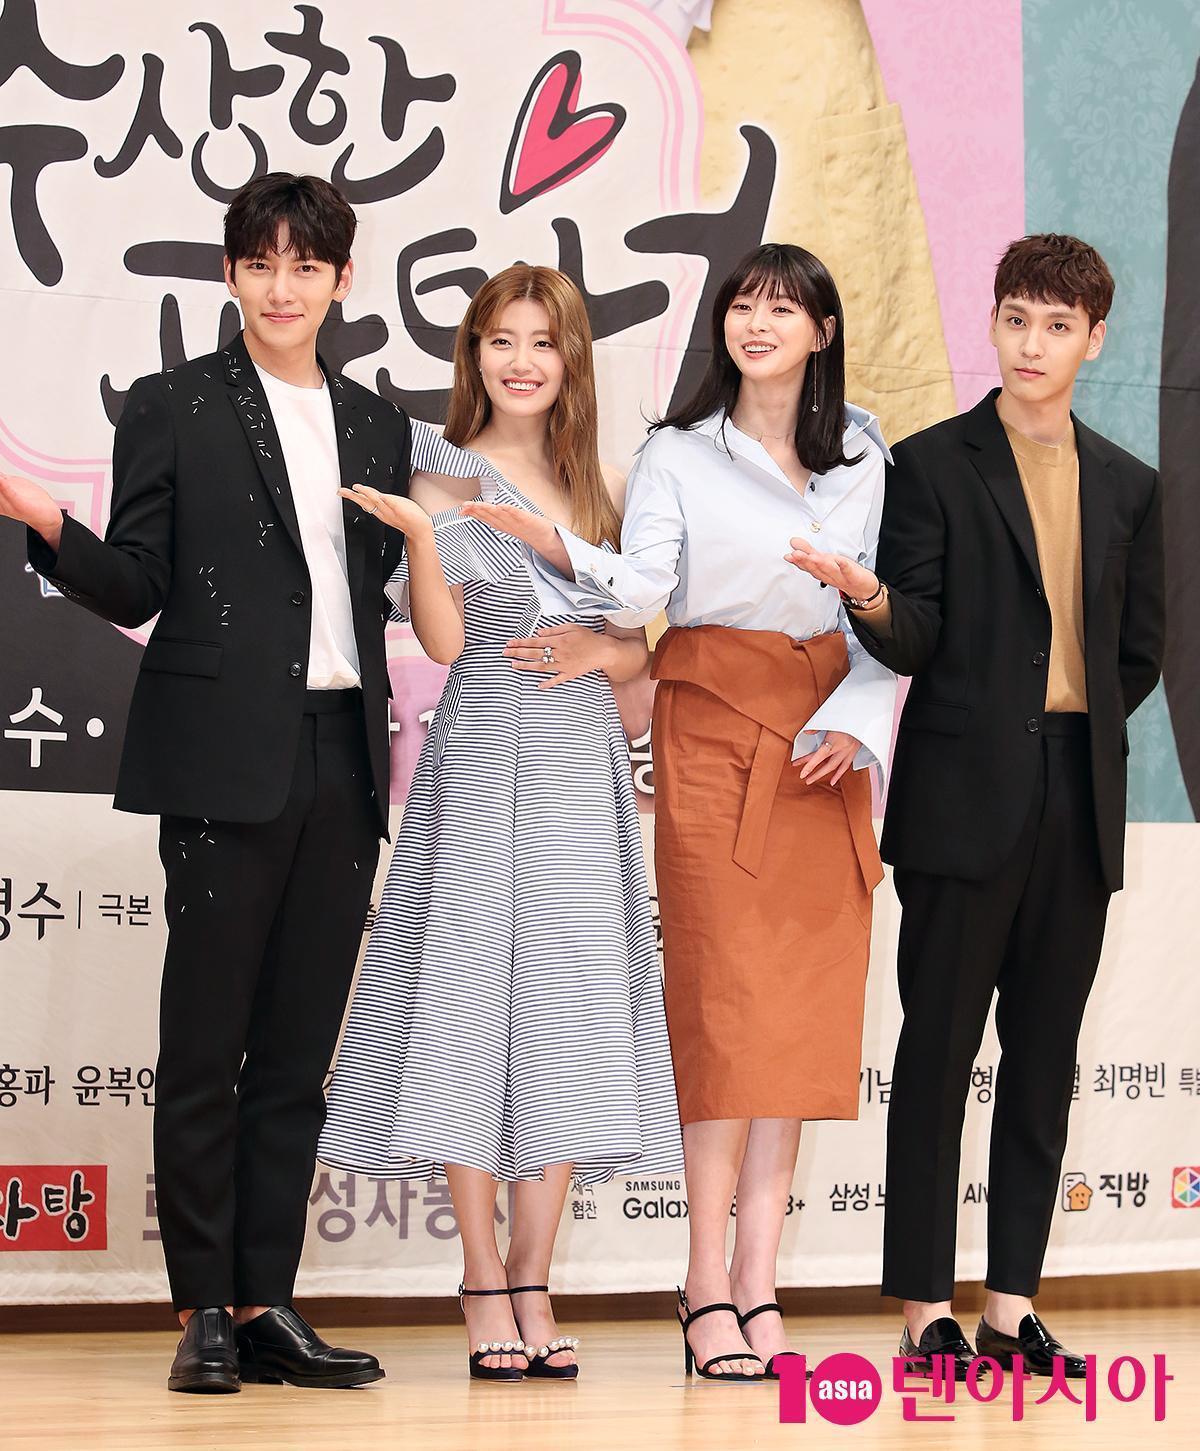 崔泰俊(右四)曾與池昌旭、南志鉉演出《奇怪的搭檔》。(網路圖片)